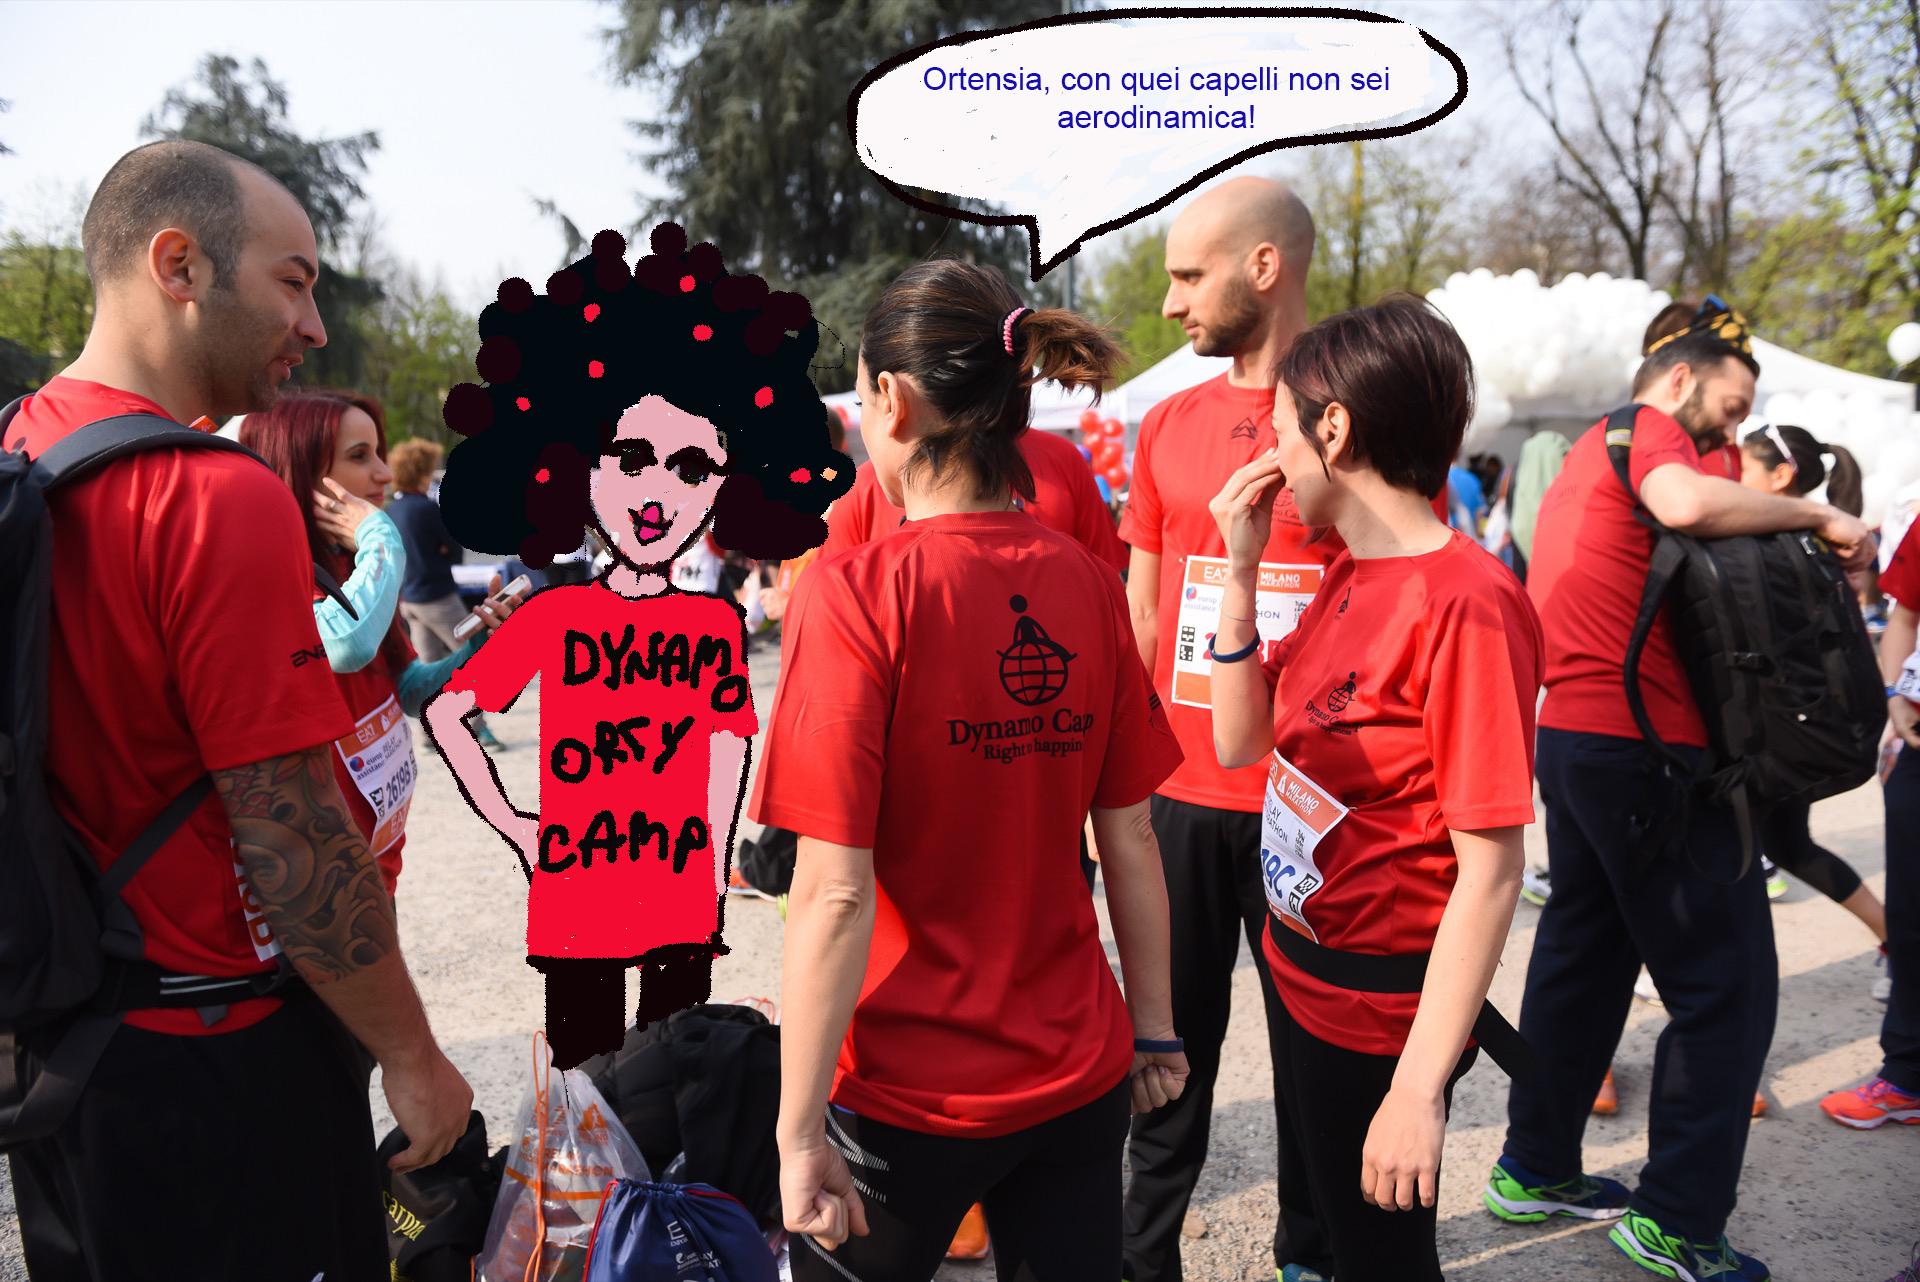 ORTENSIA ha partecipato alla maratona!!!!!! Ma i suoi colleghi avevano qualche dubbio….